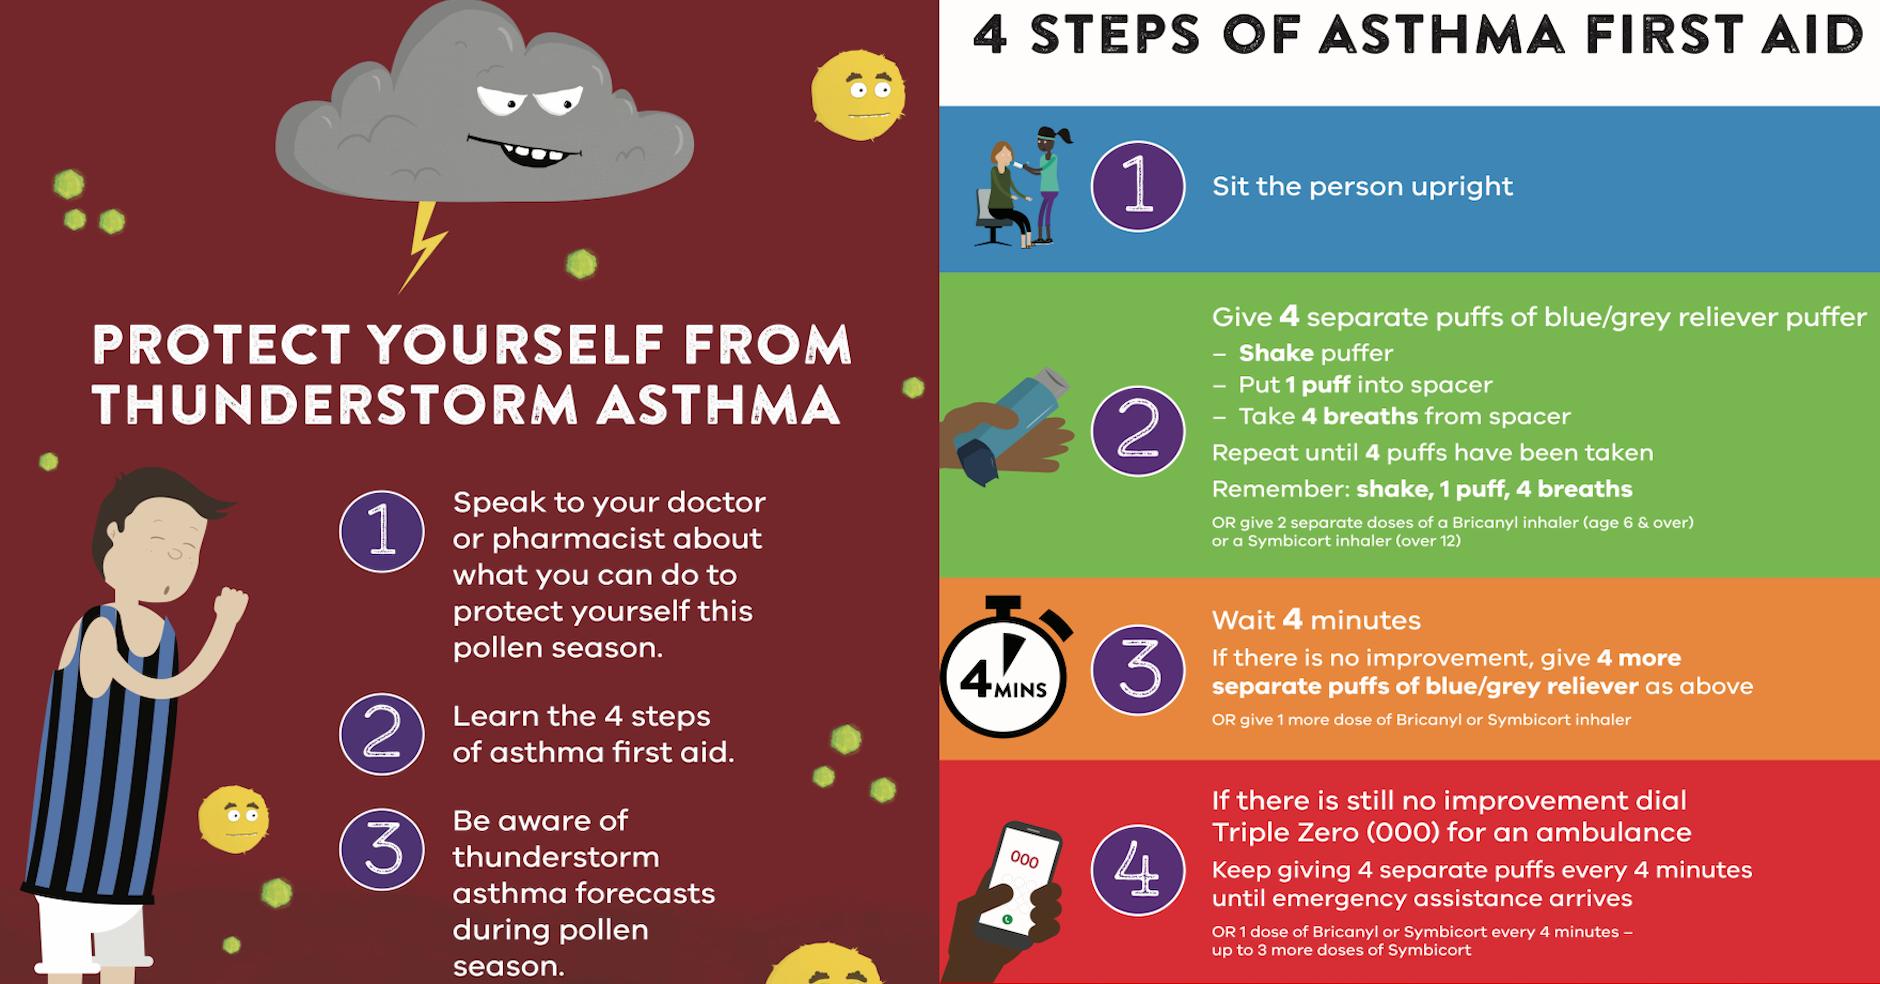 TDHS Asthma First Aid copy